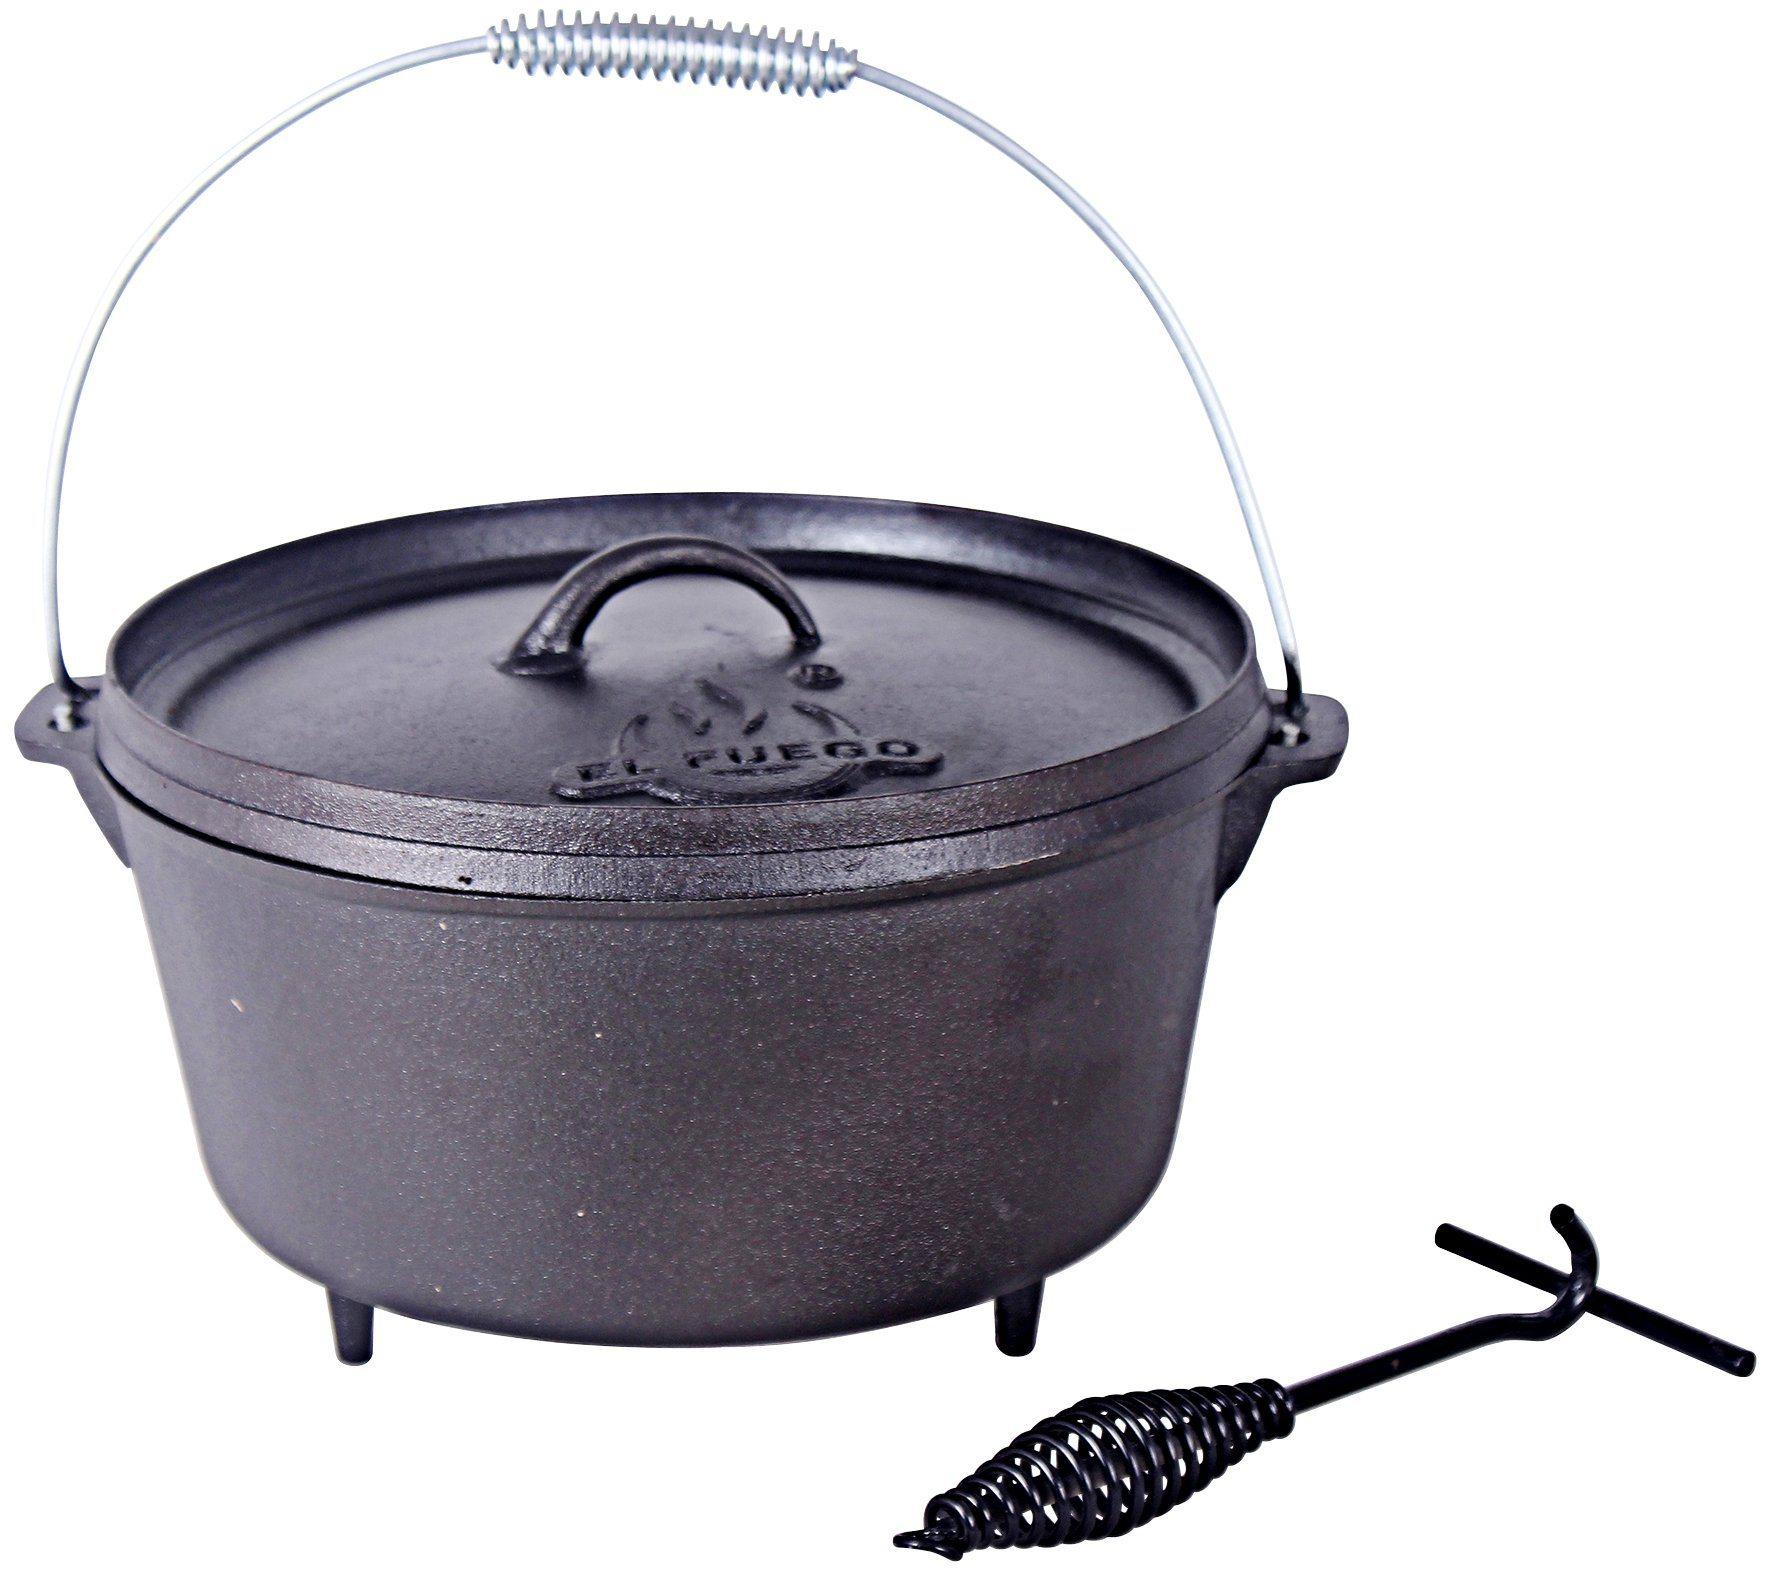 EL FUEGO Feuertopf »Dutch Oven AY 461«, 4,26 Liter | Garten > Grill und Zubehör > Grillzubehör | El Fuego